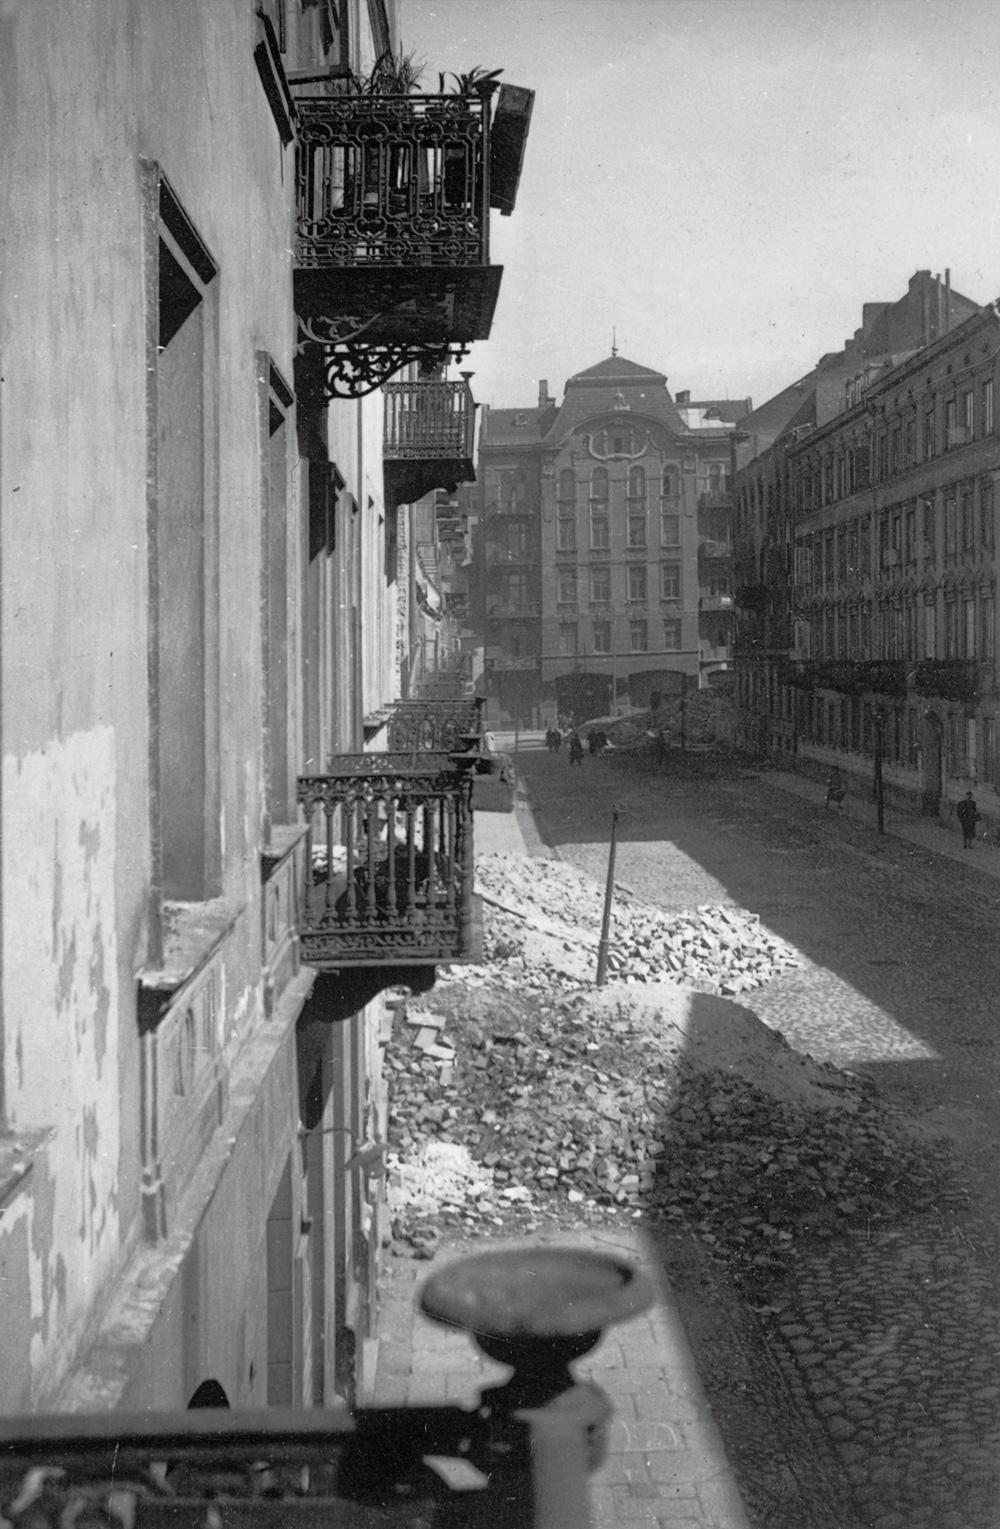 Ulica Śliska w kierunku wschodnim, jesień 1939 roku. Z lewej elewacja kamienicy pod numerem 12 i gruzy Śliskiej 10. Perspektywę zamyka dom przy Wielkiej 18. Fot. Zbiory rodzinne Jana Kobuszewskiego